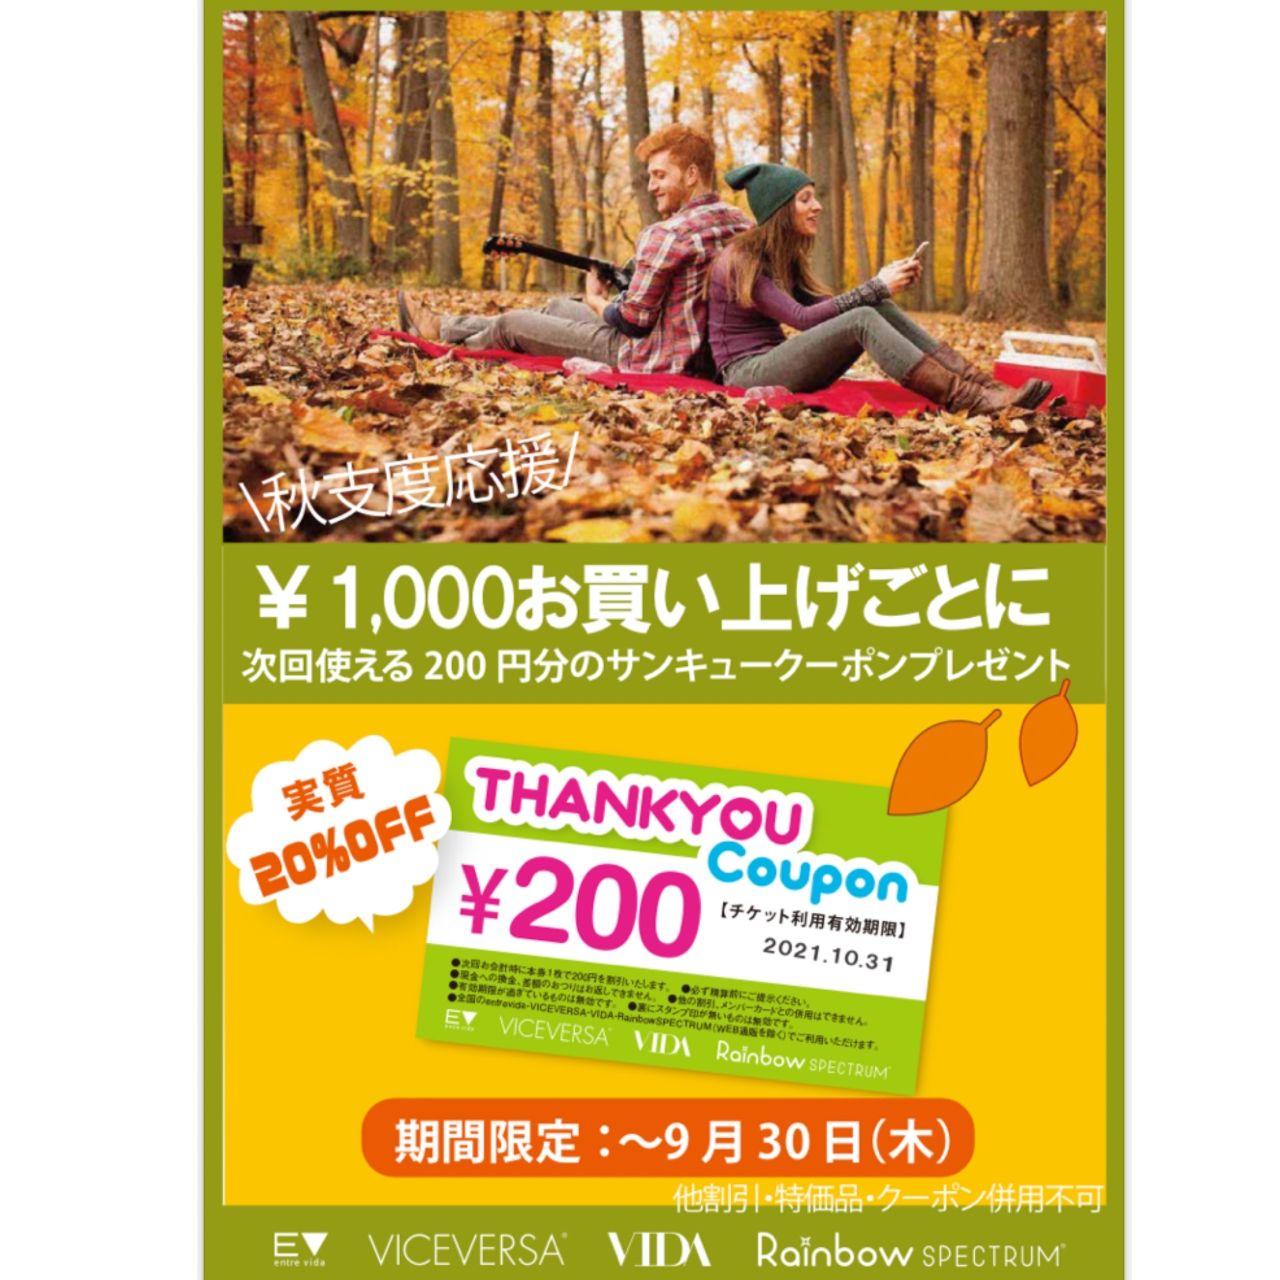 「【20%還元】Thank youクーポン配布中☆」の写真